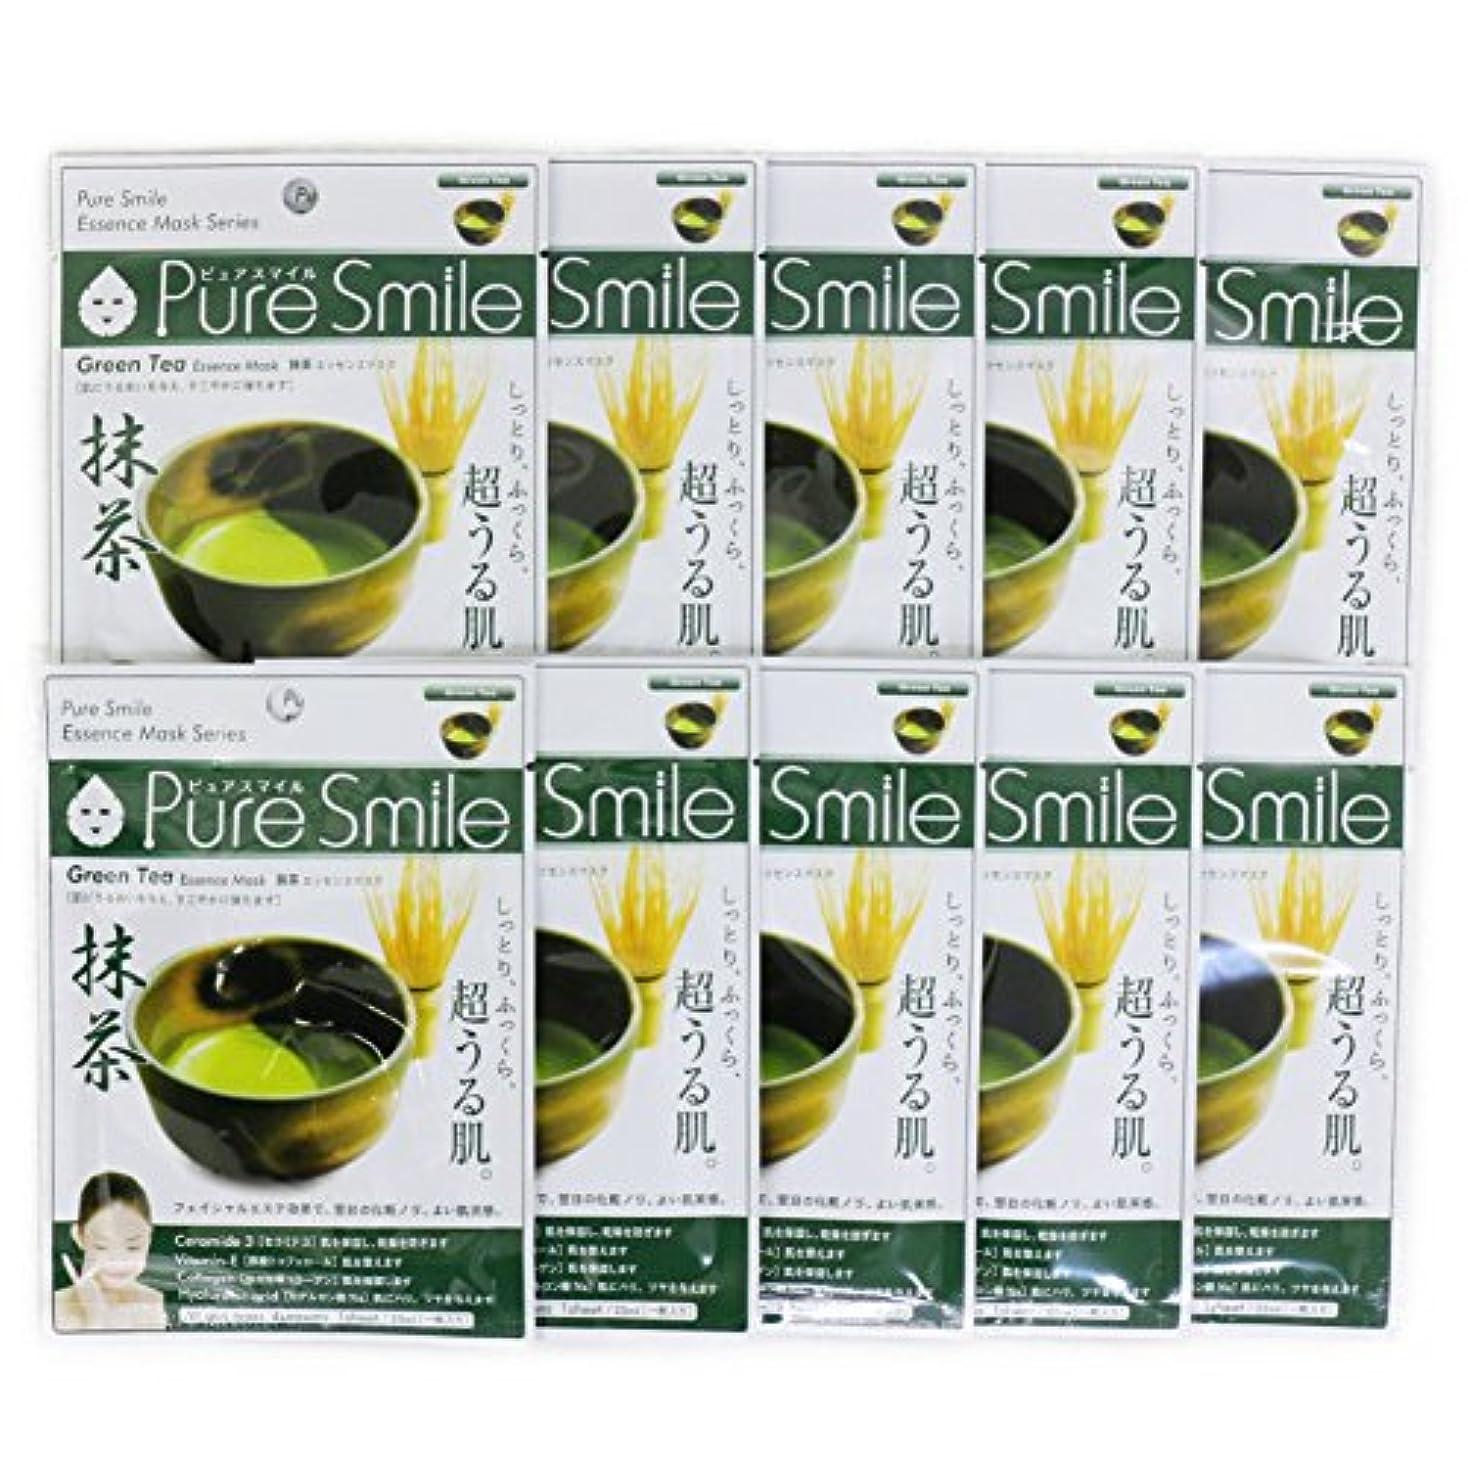 め言葉正しくブリリアントPure Smile ピュアスマイル エッセンスマスク 抹茶 10枚セット